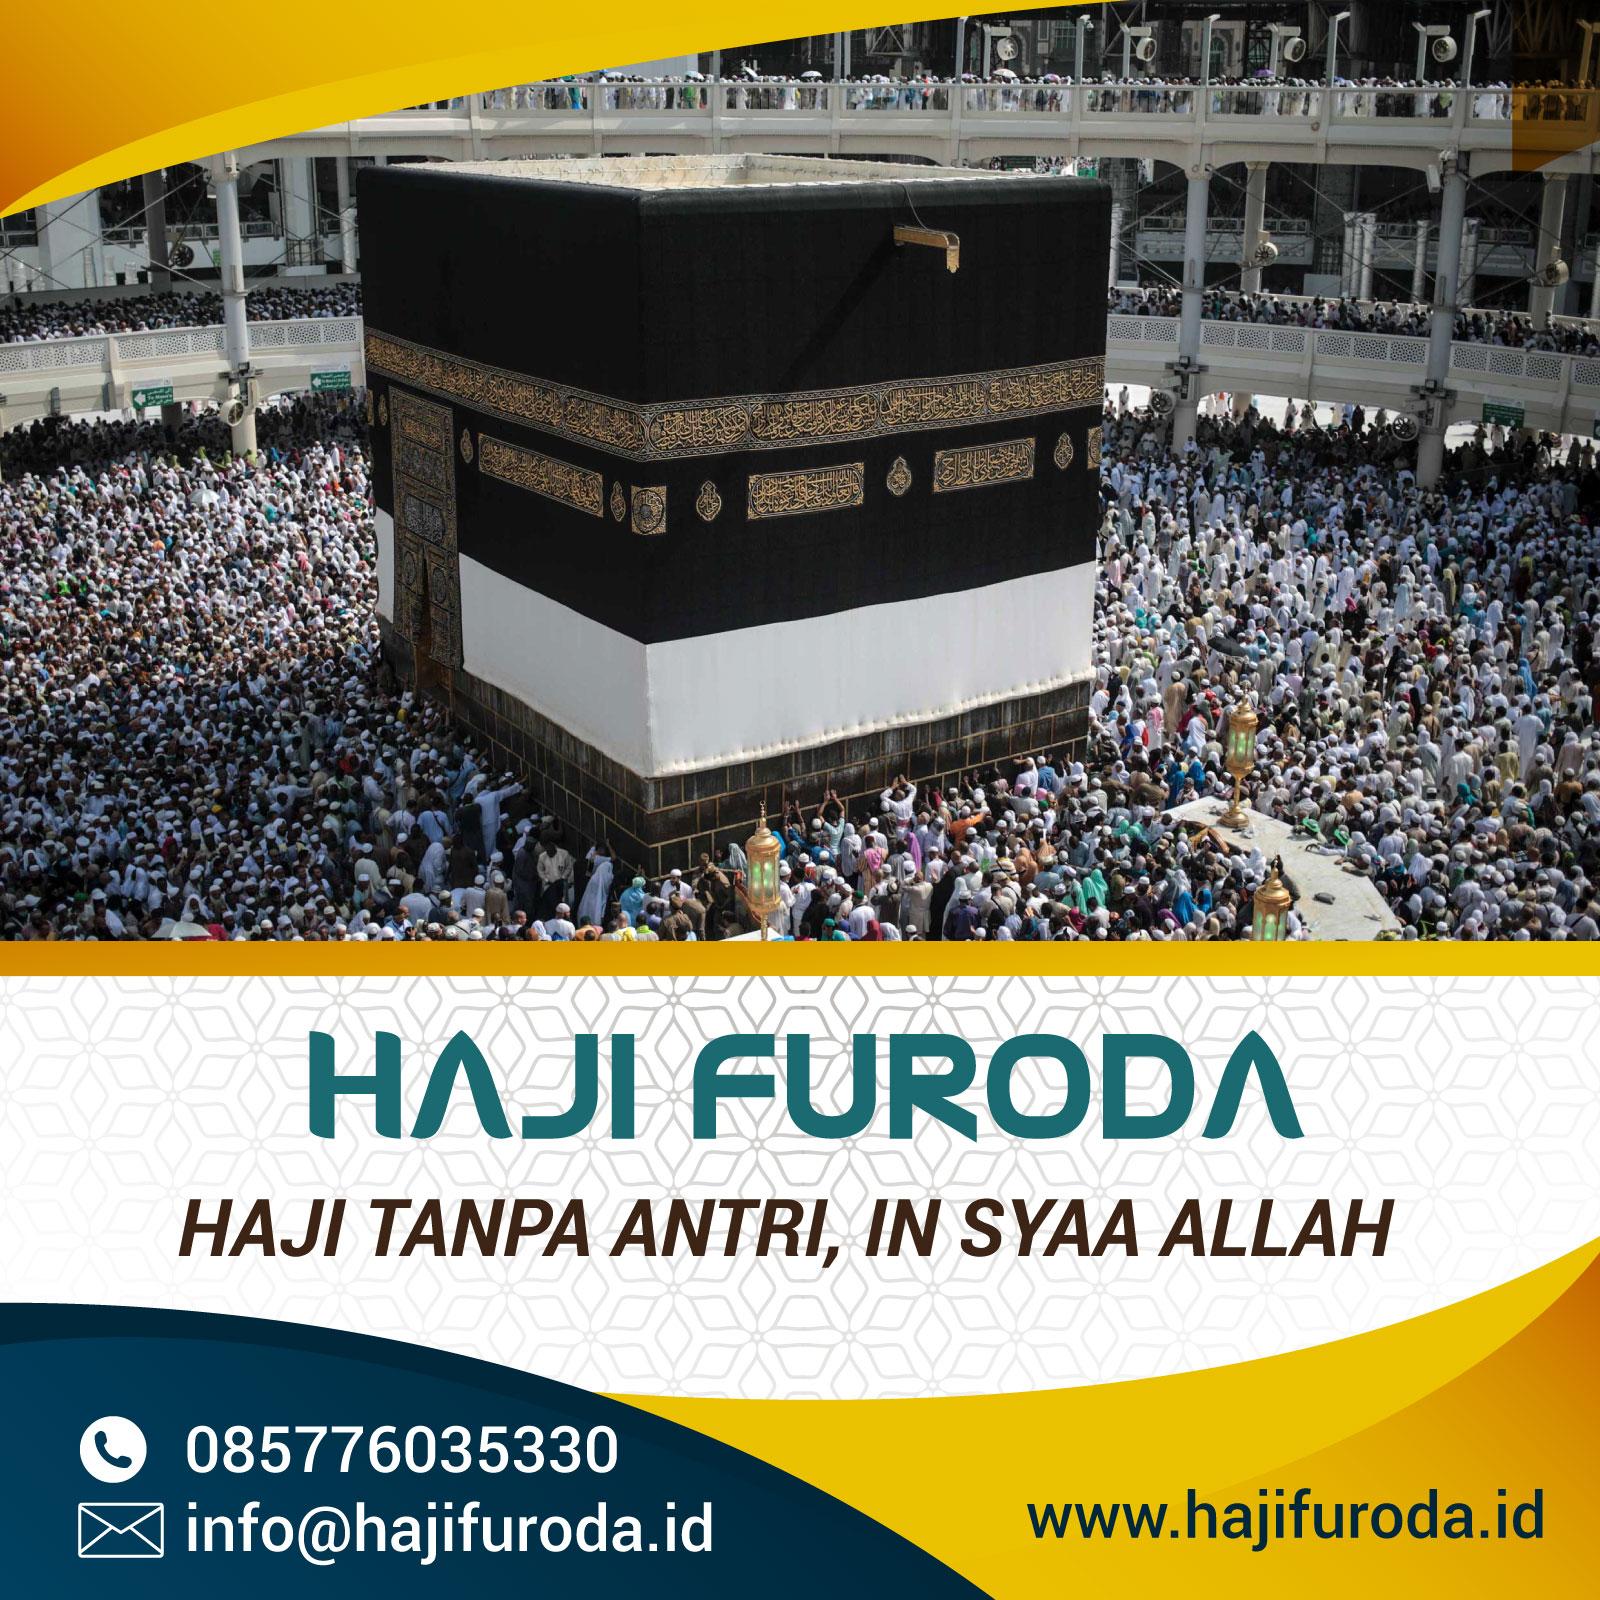 Haji Furoda 2020 dengan Visa Mujamalah